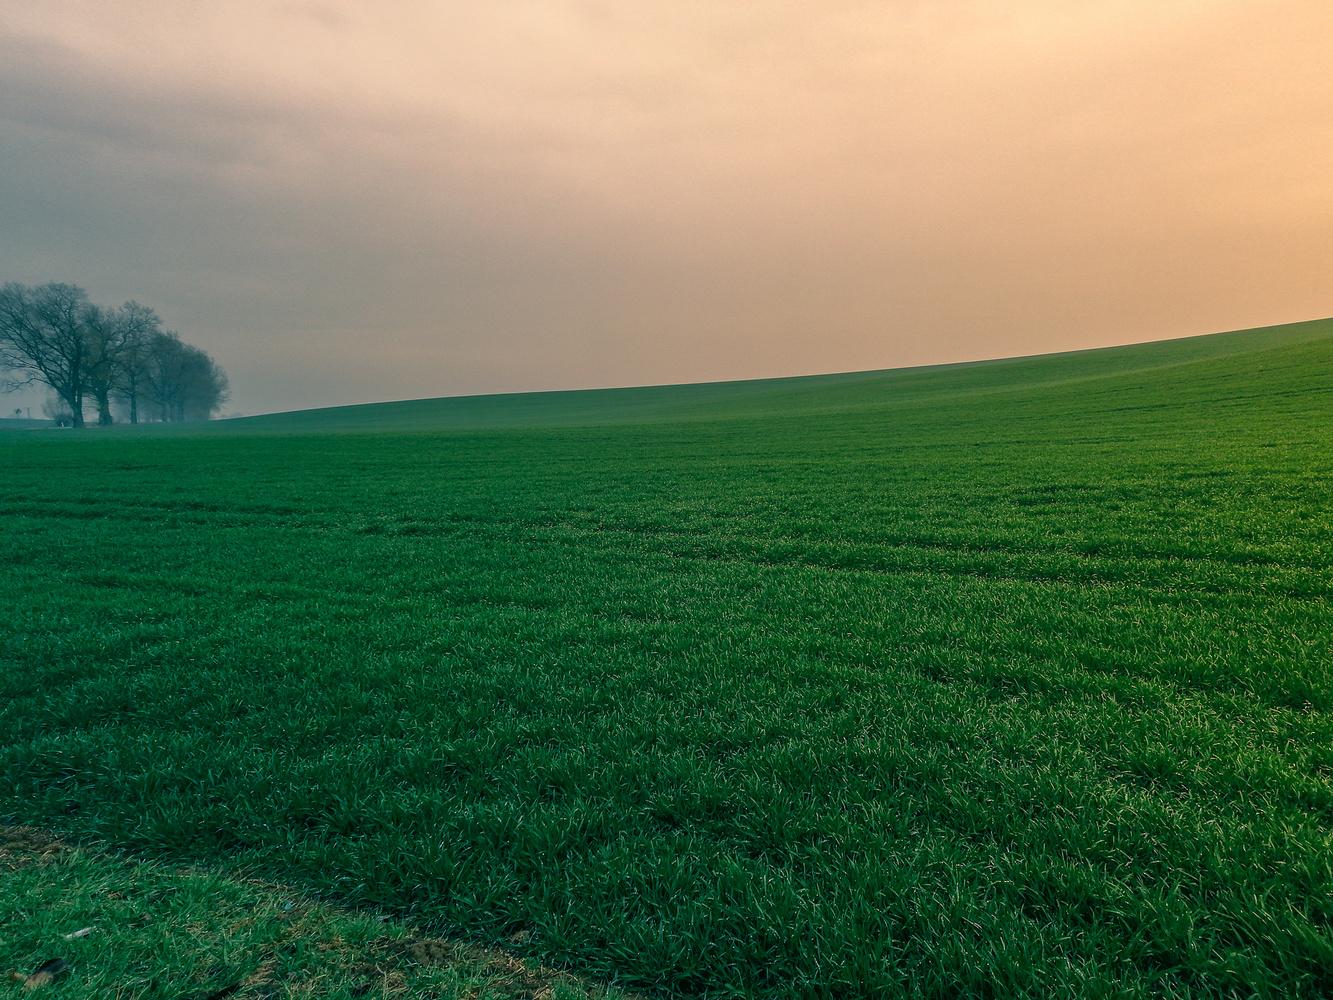 Alone trees by Rafał Miernik